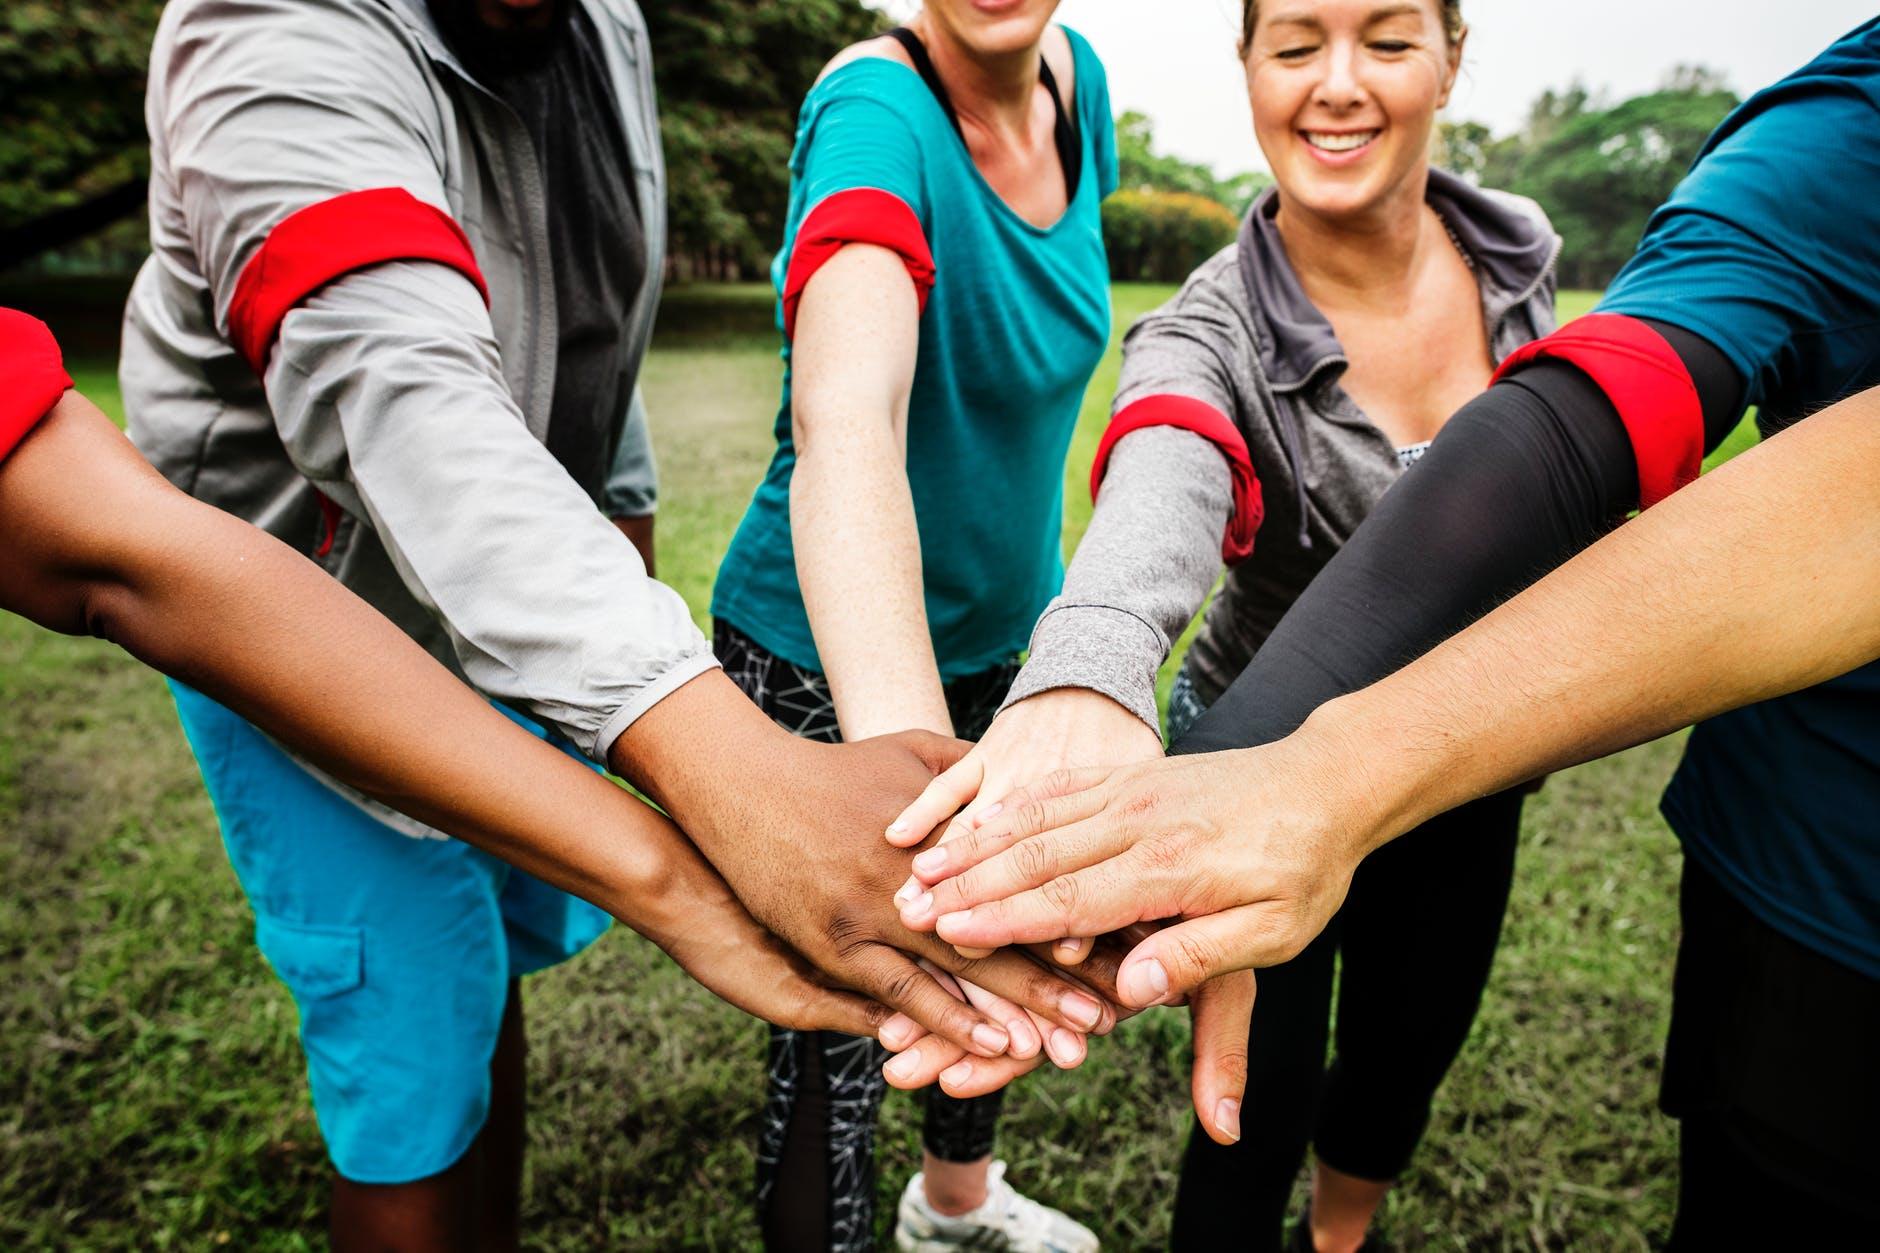 mladi aktivnost volontiranje druzenje zdravlje